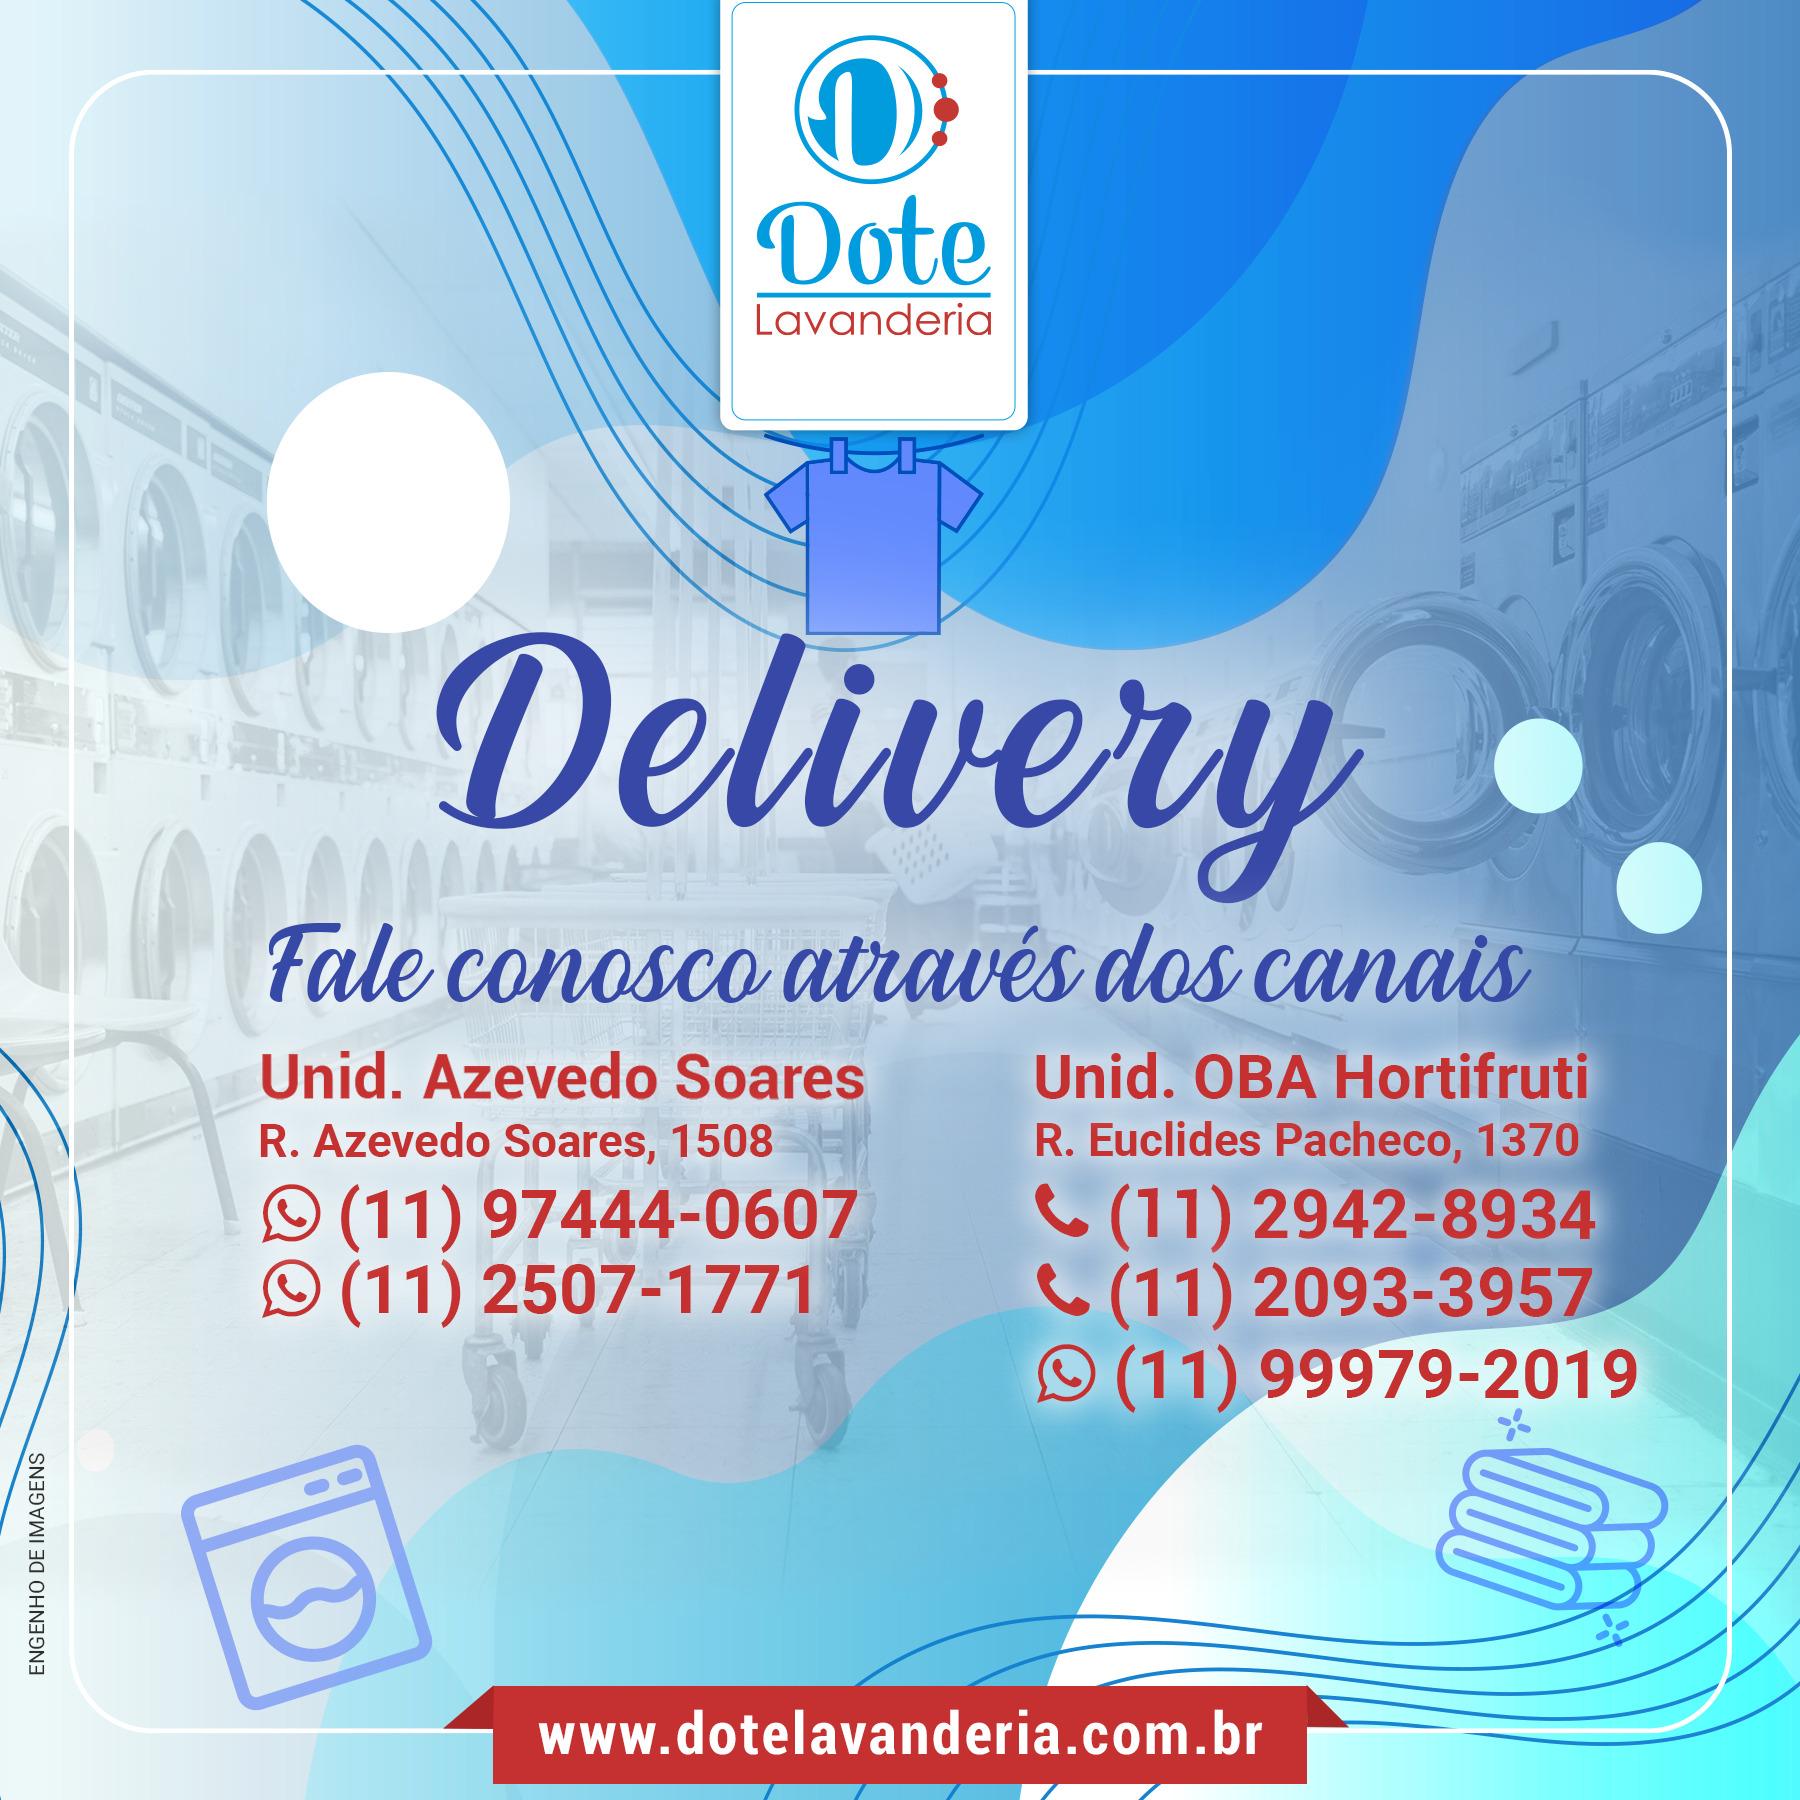 Delivery: fale conosco através dos canais